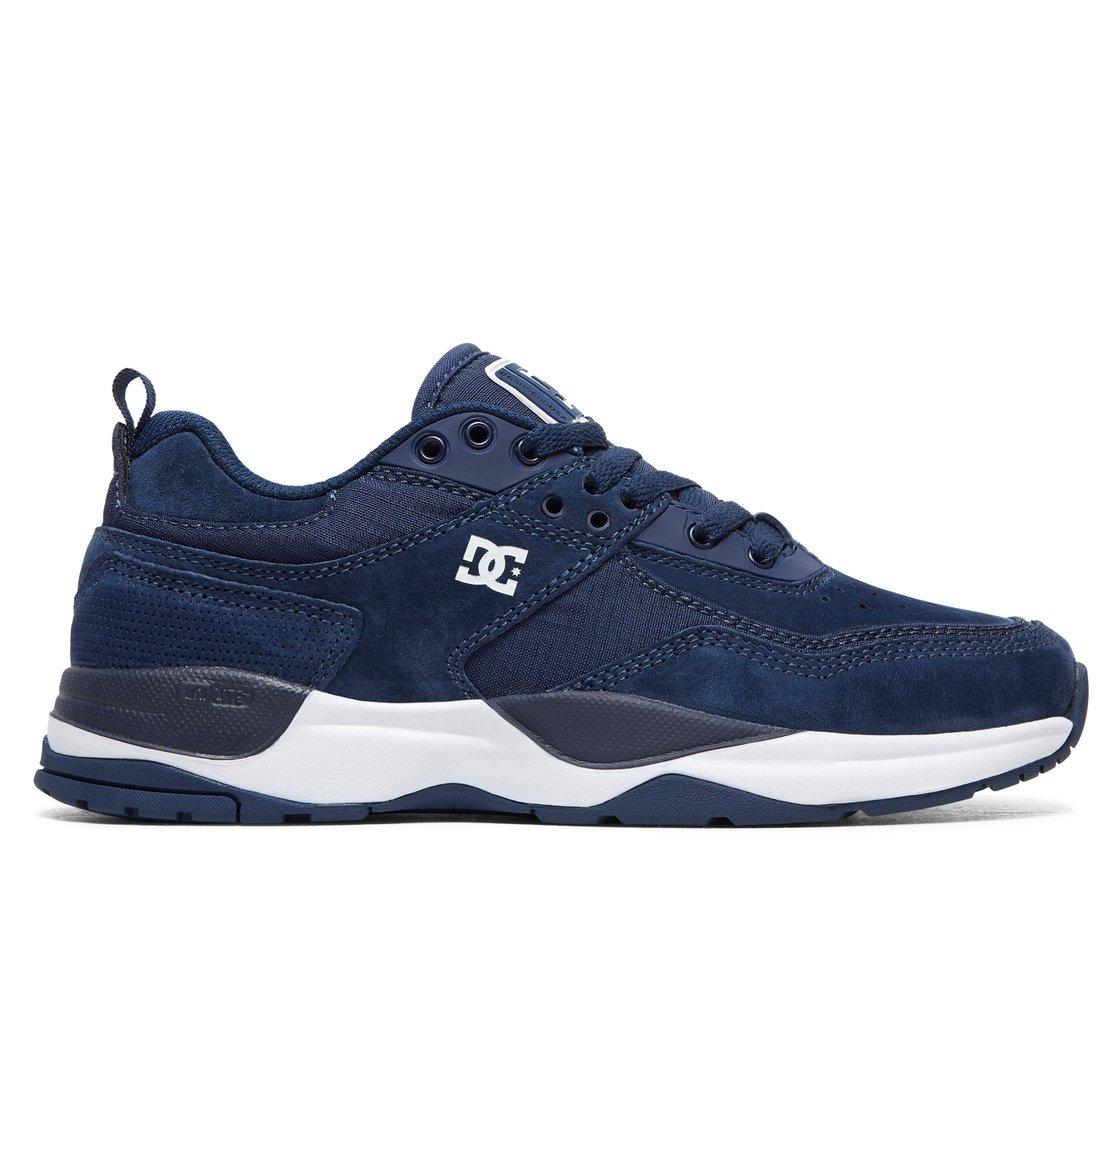 Women's E. Tribeka SE - Baskets - Bleu - DC Shoes